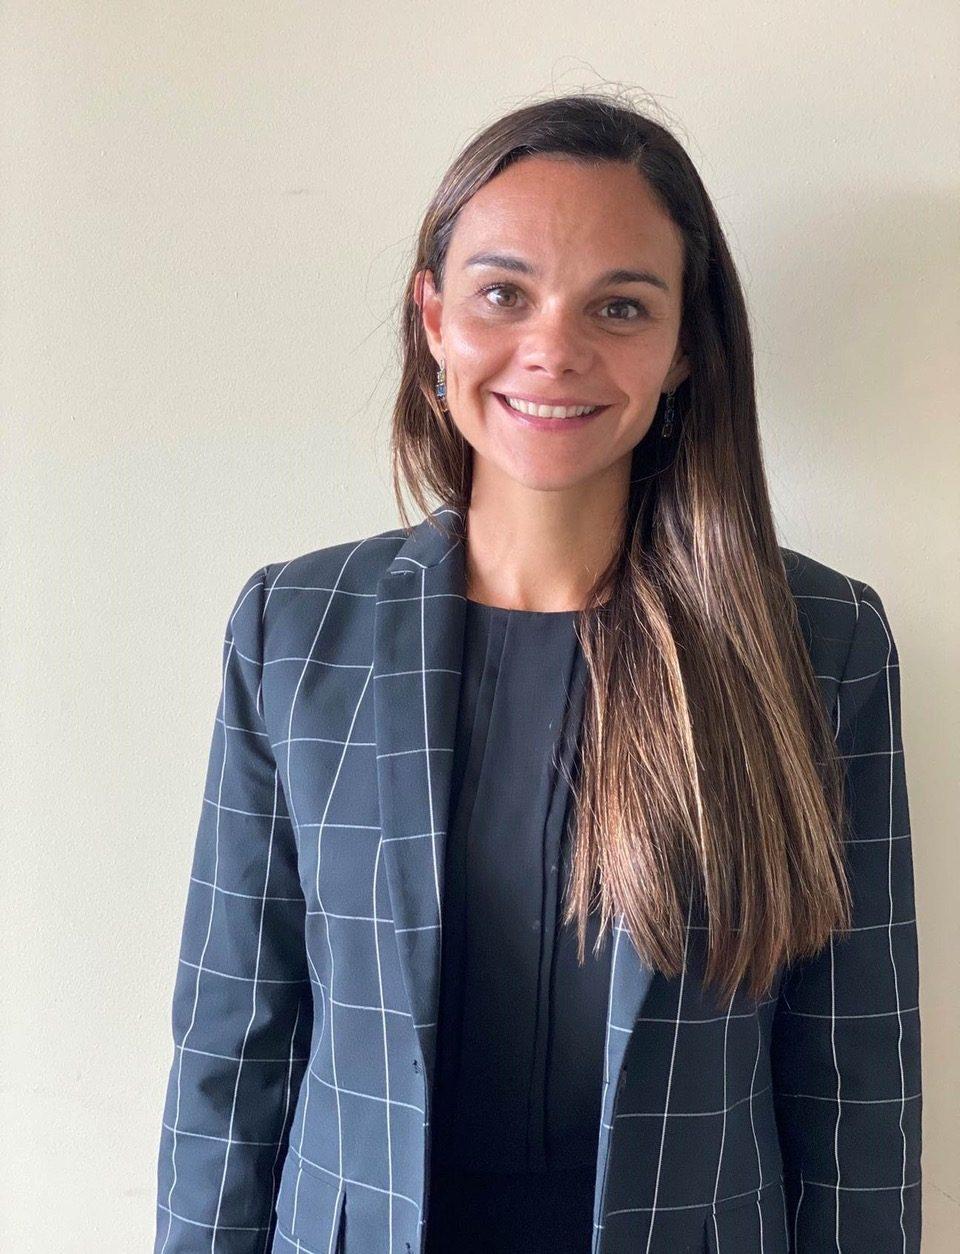 Cristina Sansonetti, cuenta con más de 15 años asesorando compañías multinacionales (y nacionales) en diagnóstico fiscal, procesos de fiscalización y reorganización empresarial.